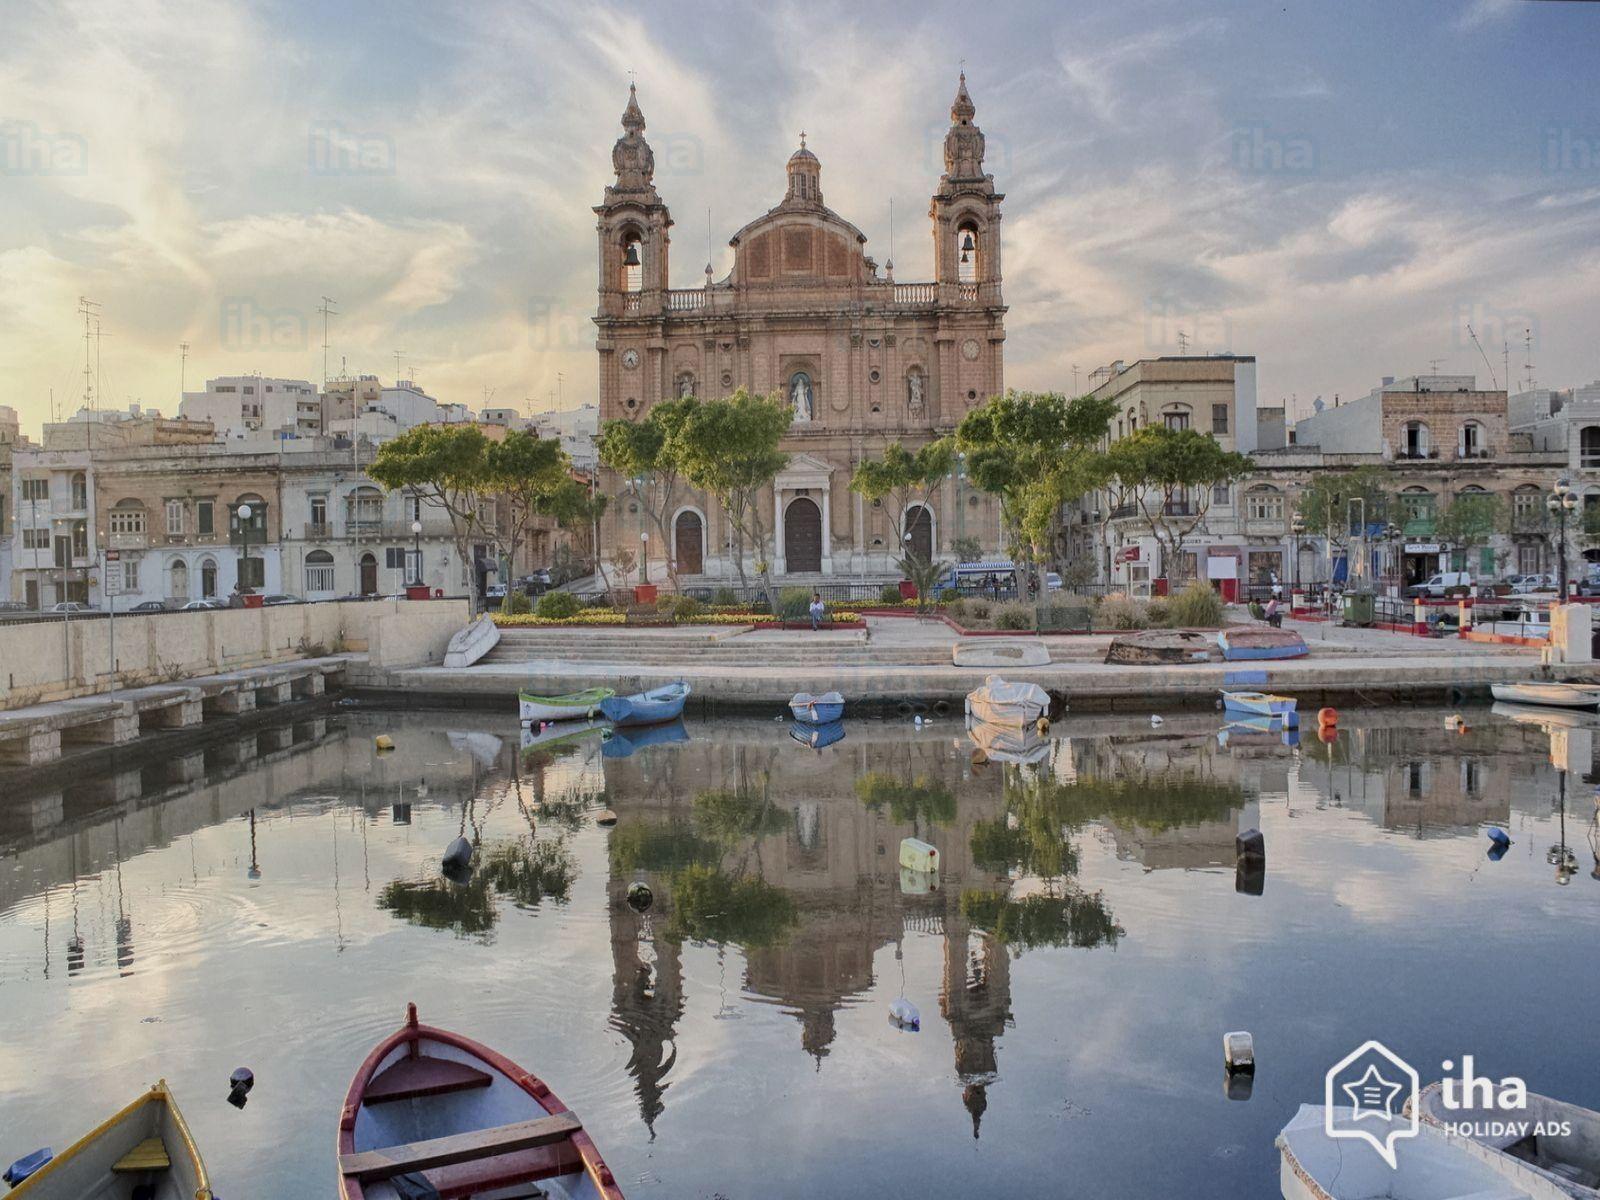 20190403 155549 108 Tourism Malta Tour Malta Island In Unserem Blog Viel Mehr Informationen Landscapes مالطا Placestokno Malta Island Island Tourism